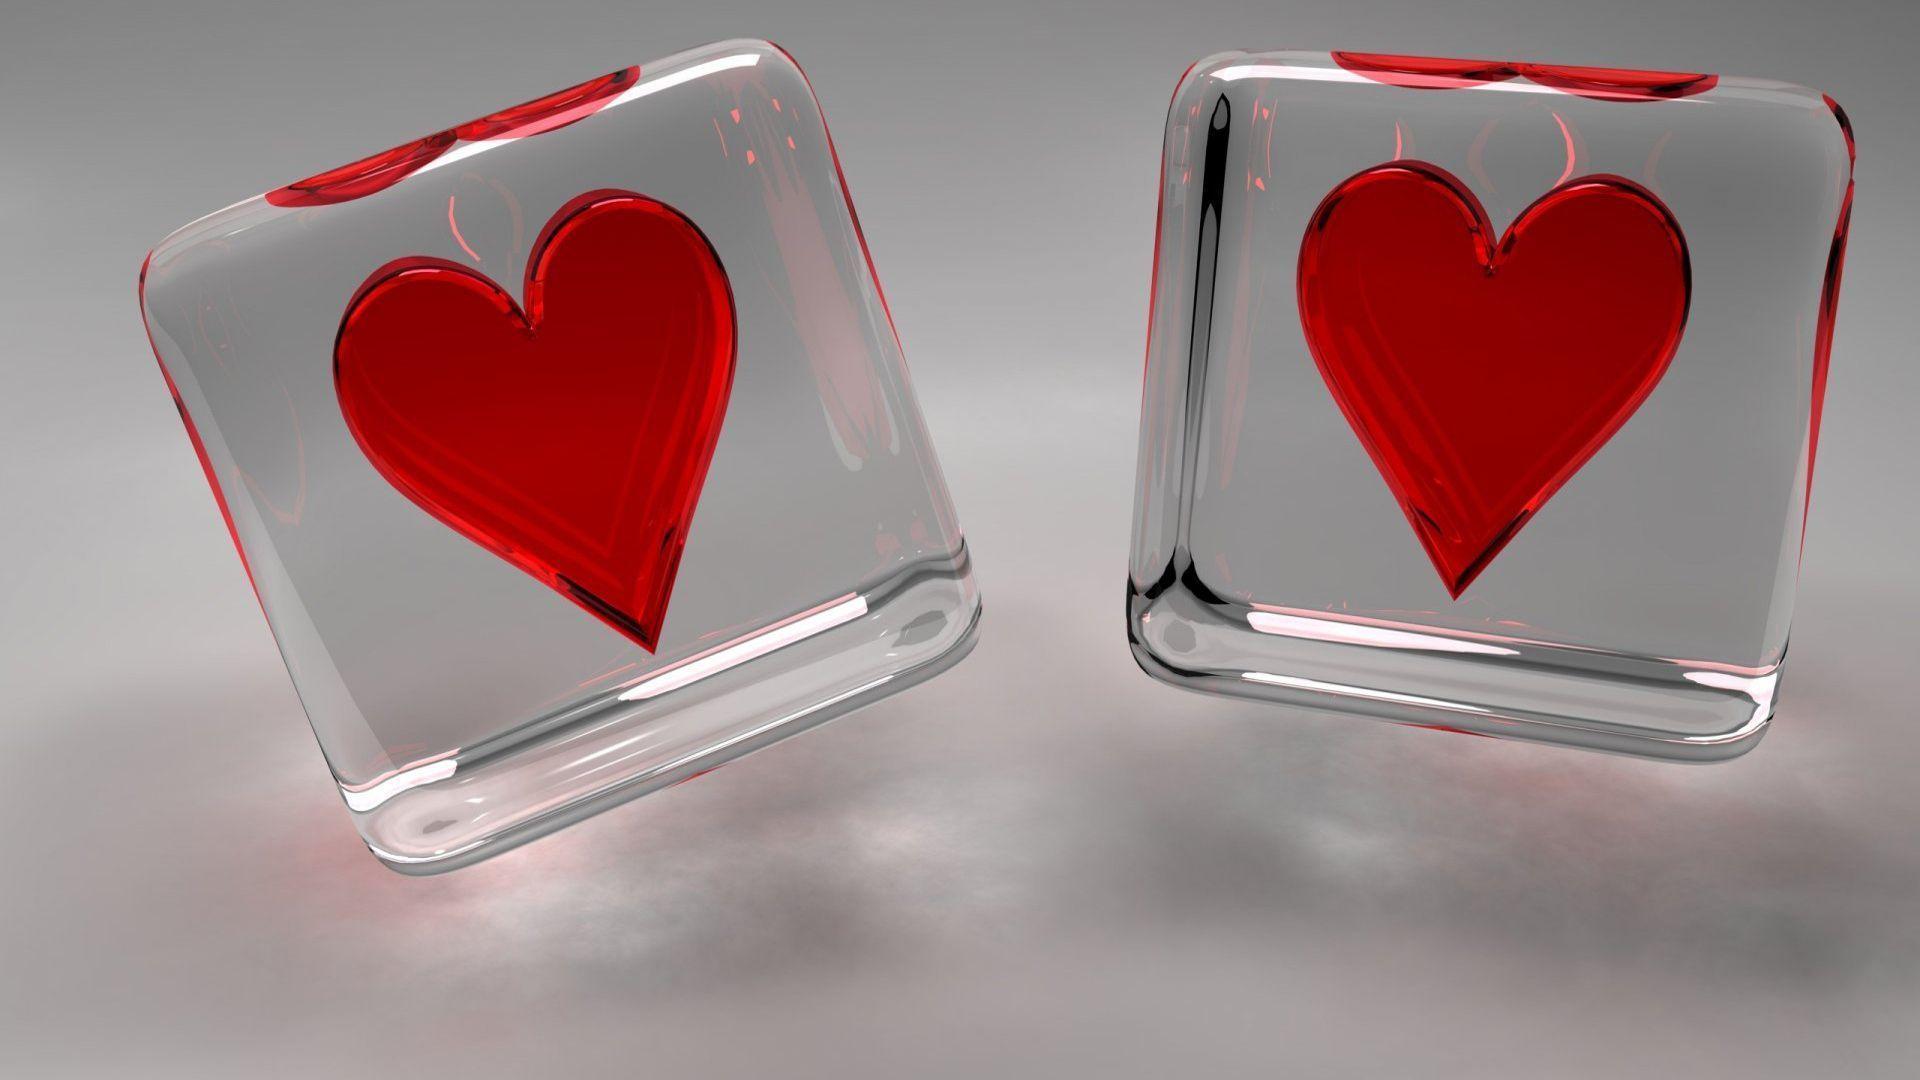 two loving heart love hd wallpaper Desktop Backgrounds Free